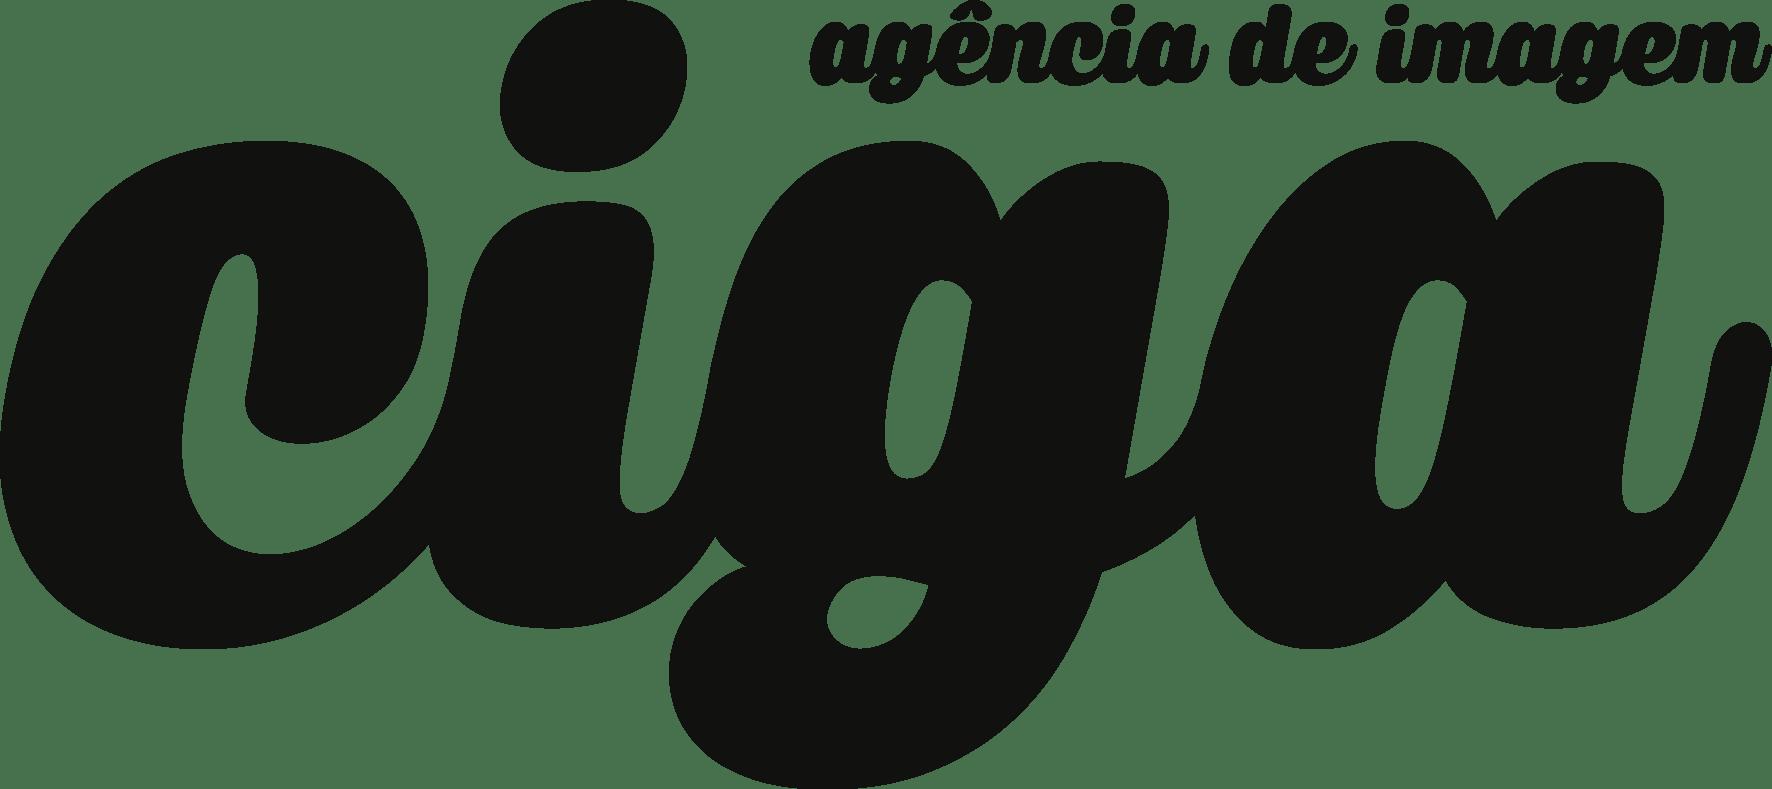 CIGA - Agência de Imagem